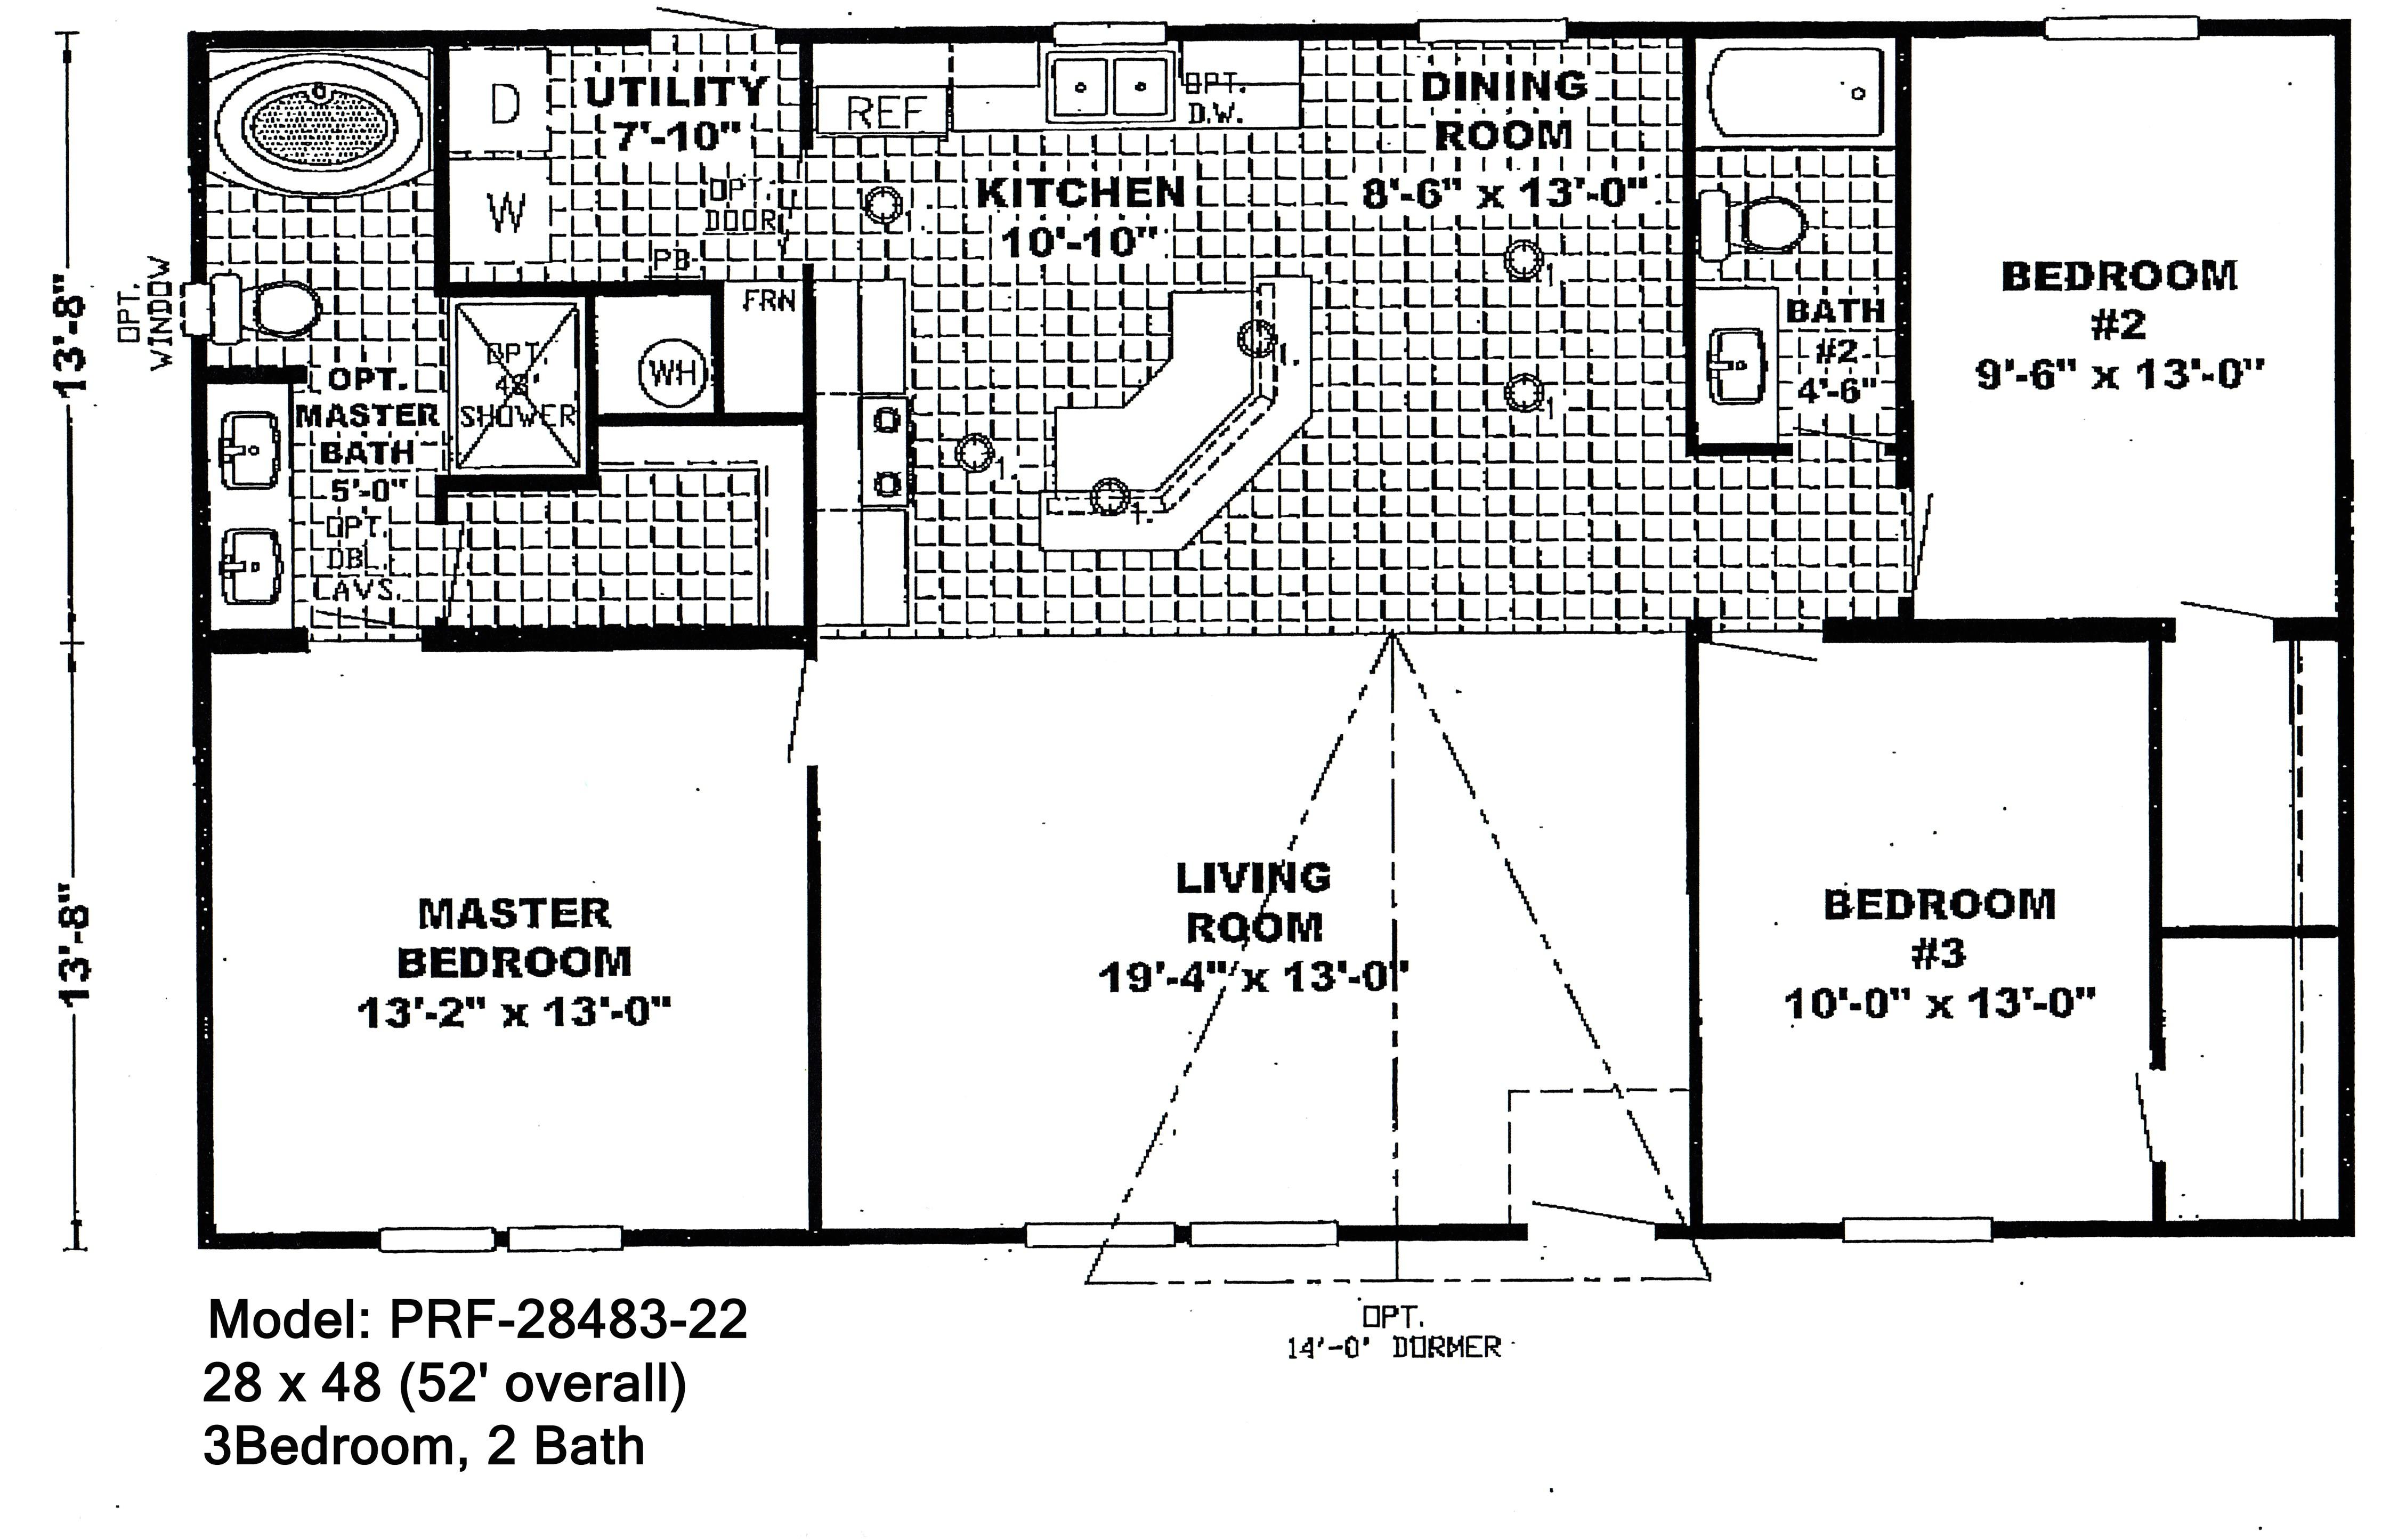 double wide floorplans 1830346